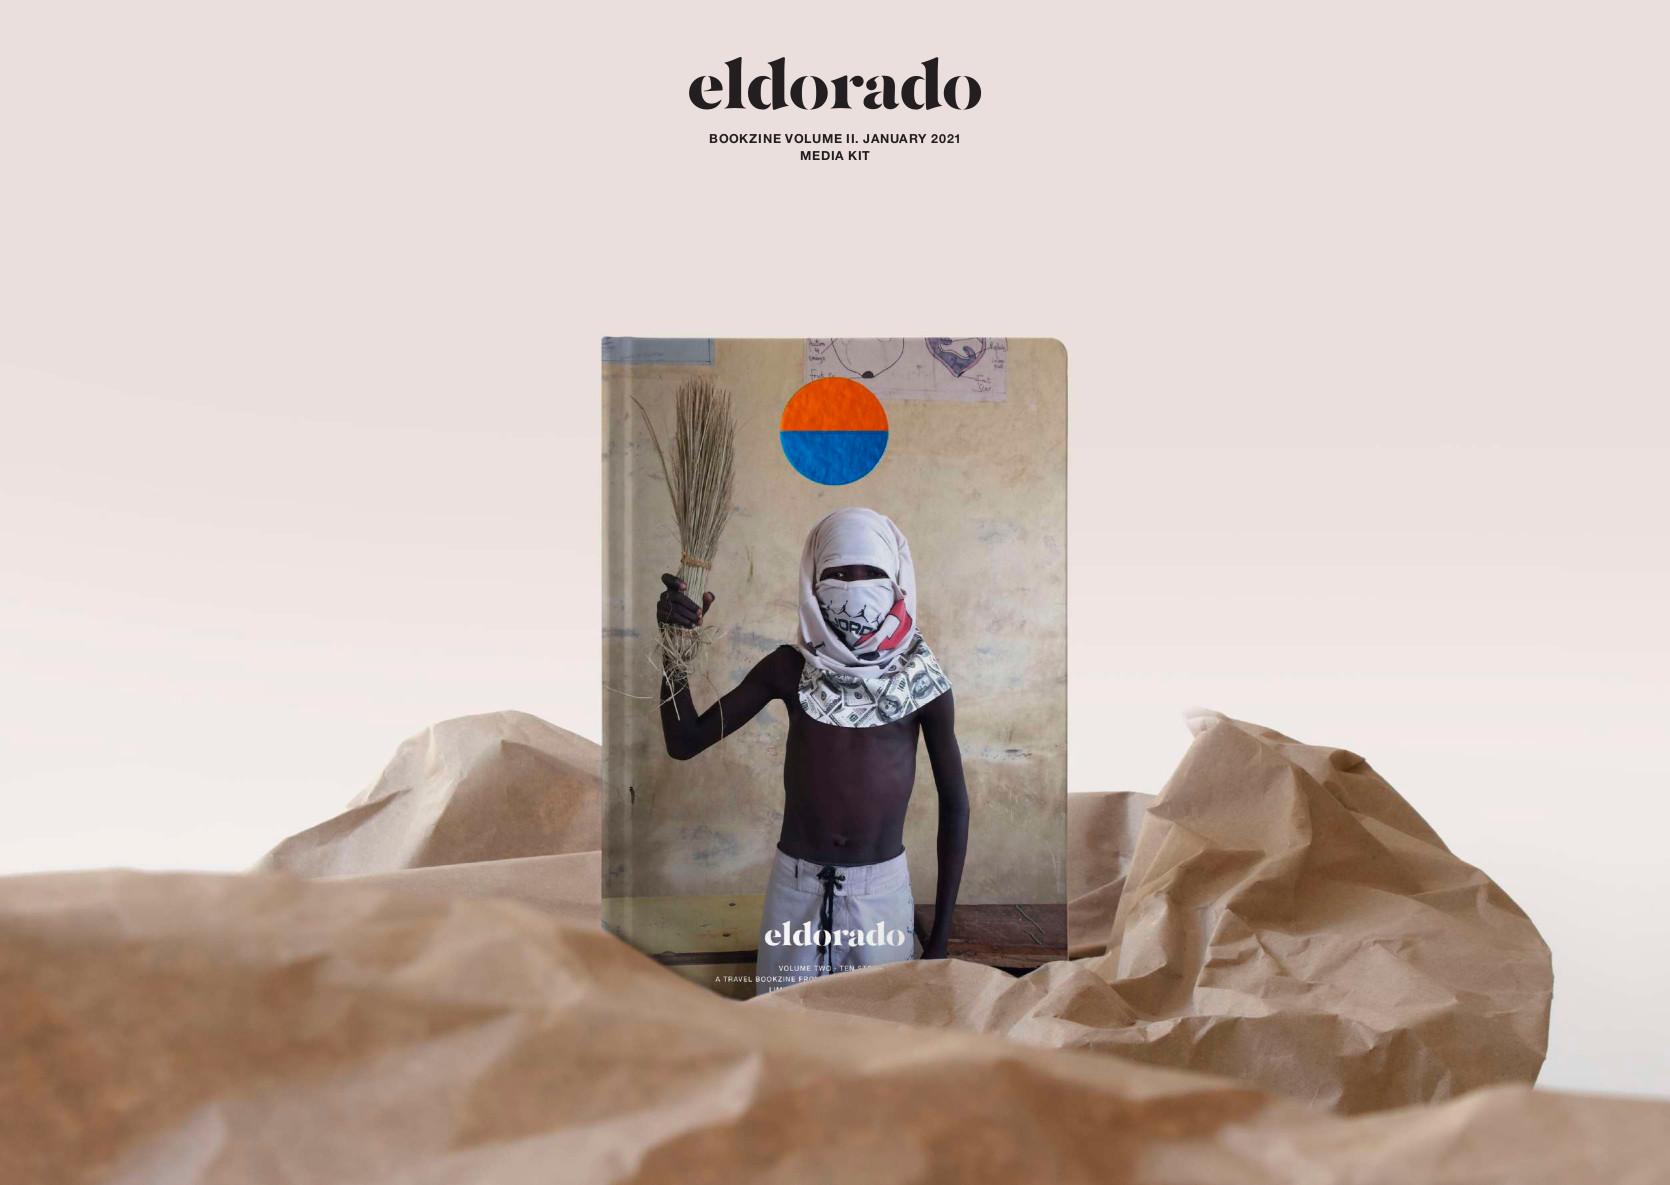 El estudio de diseño Folch revisita su particular ElDorado